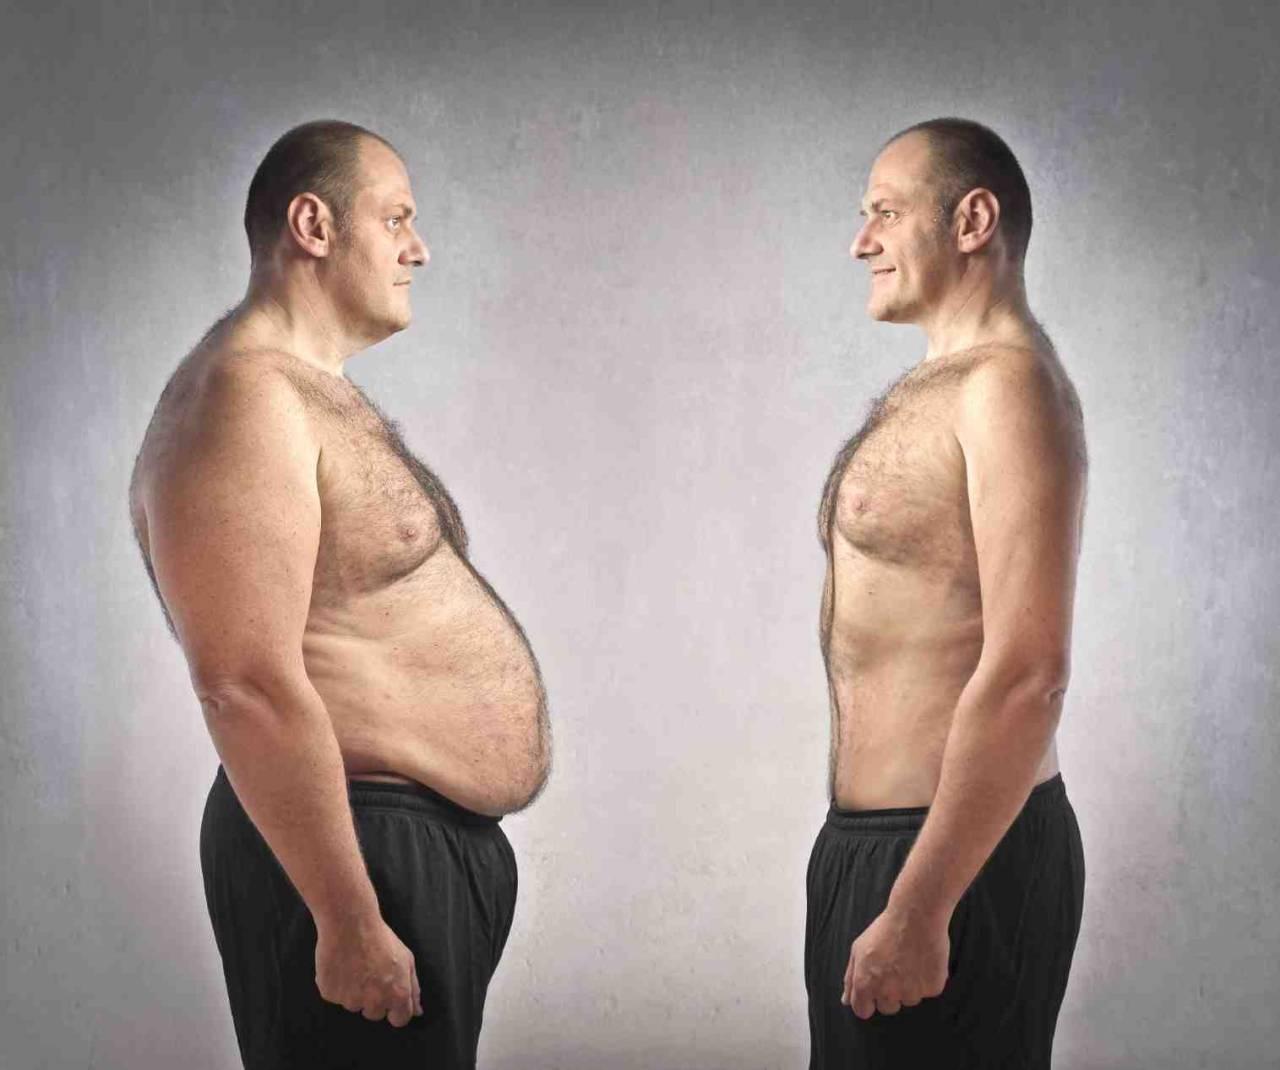 Влияние тестостерона на жизнедеятельность человека